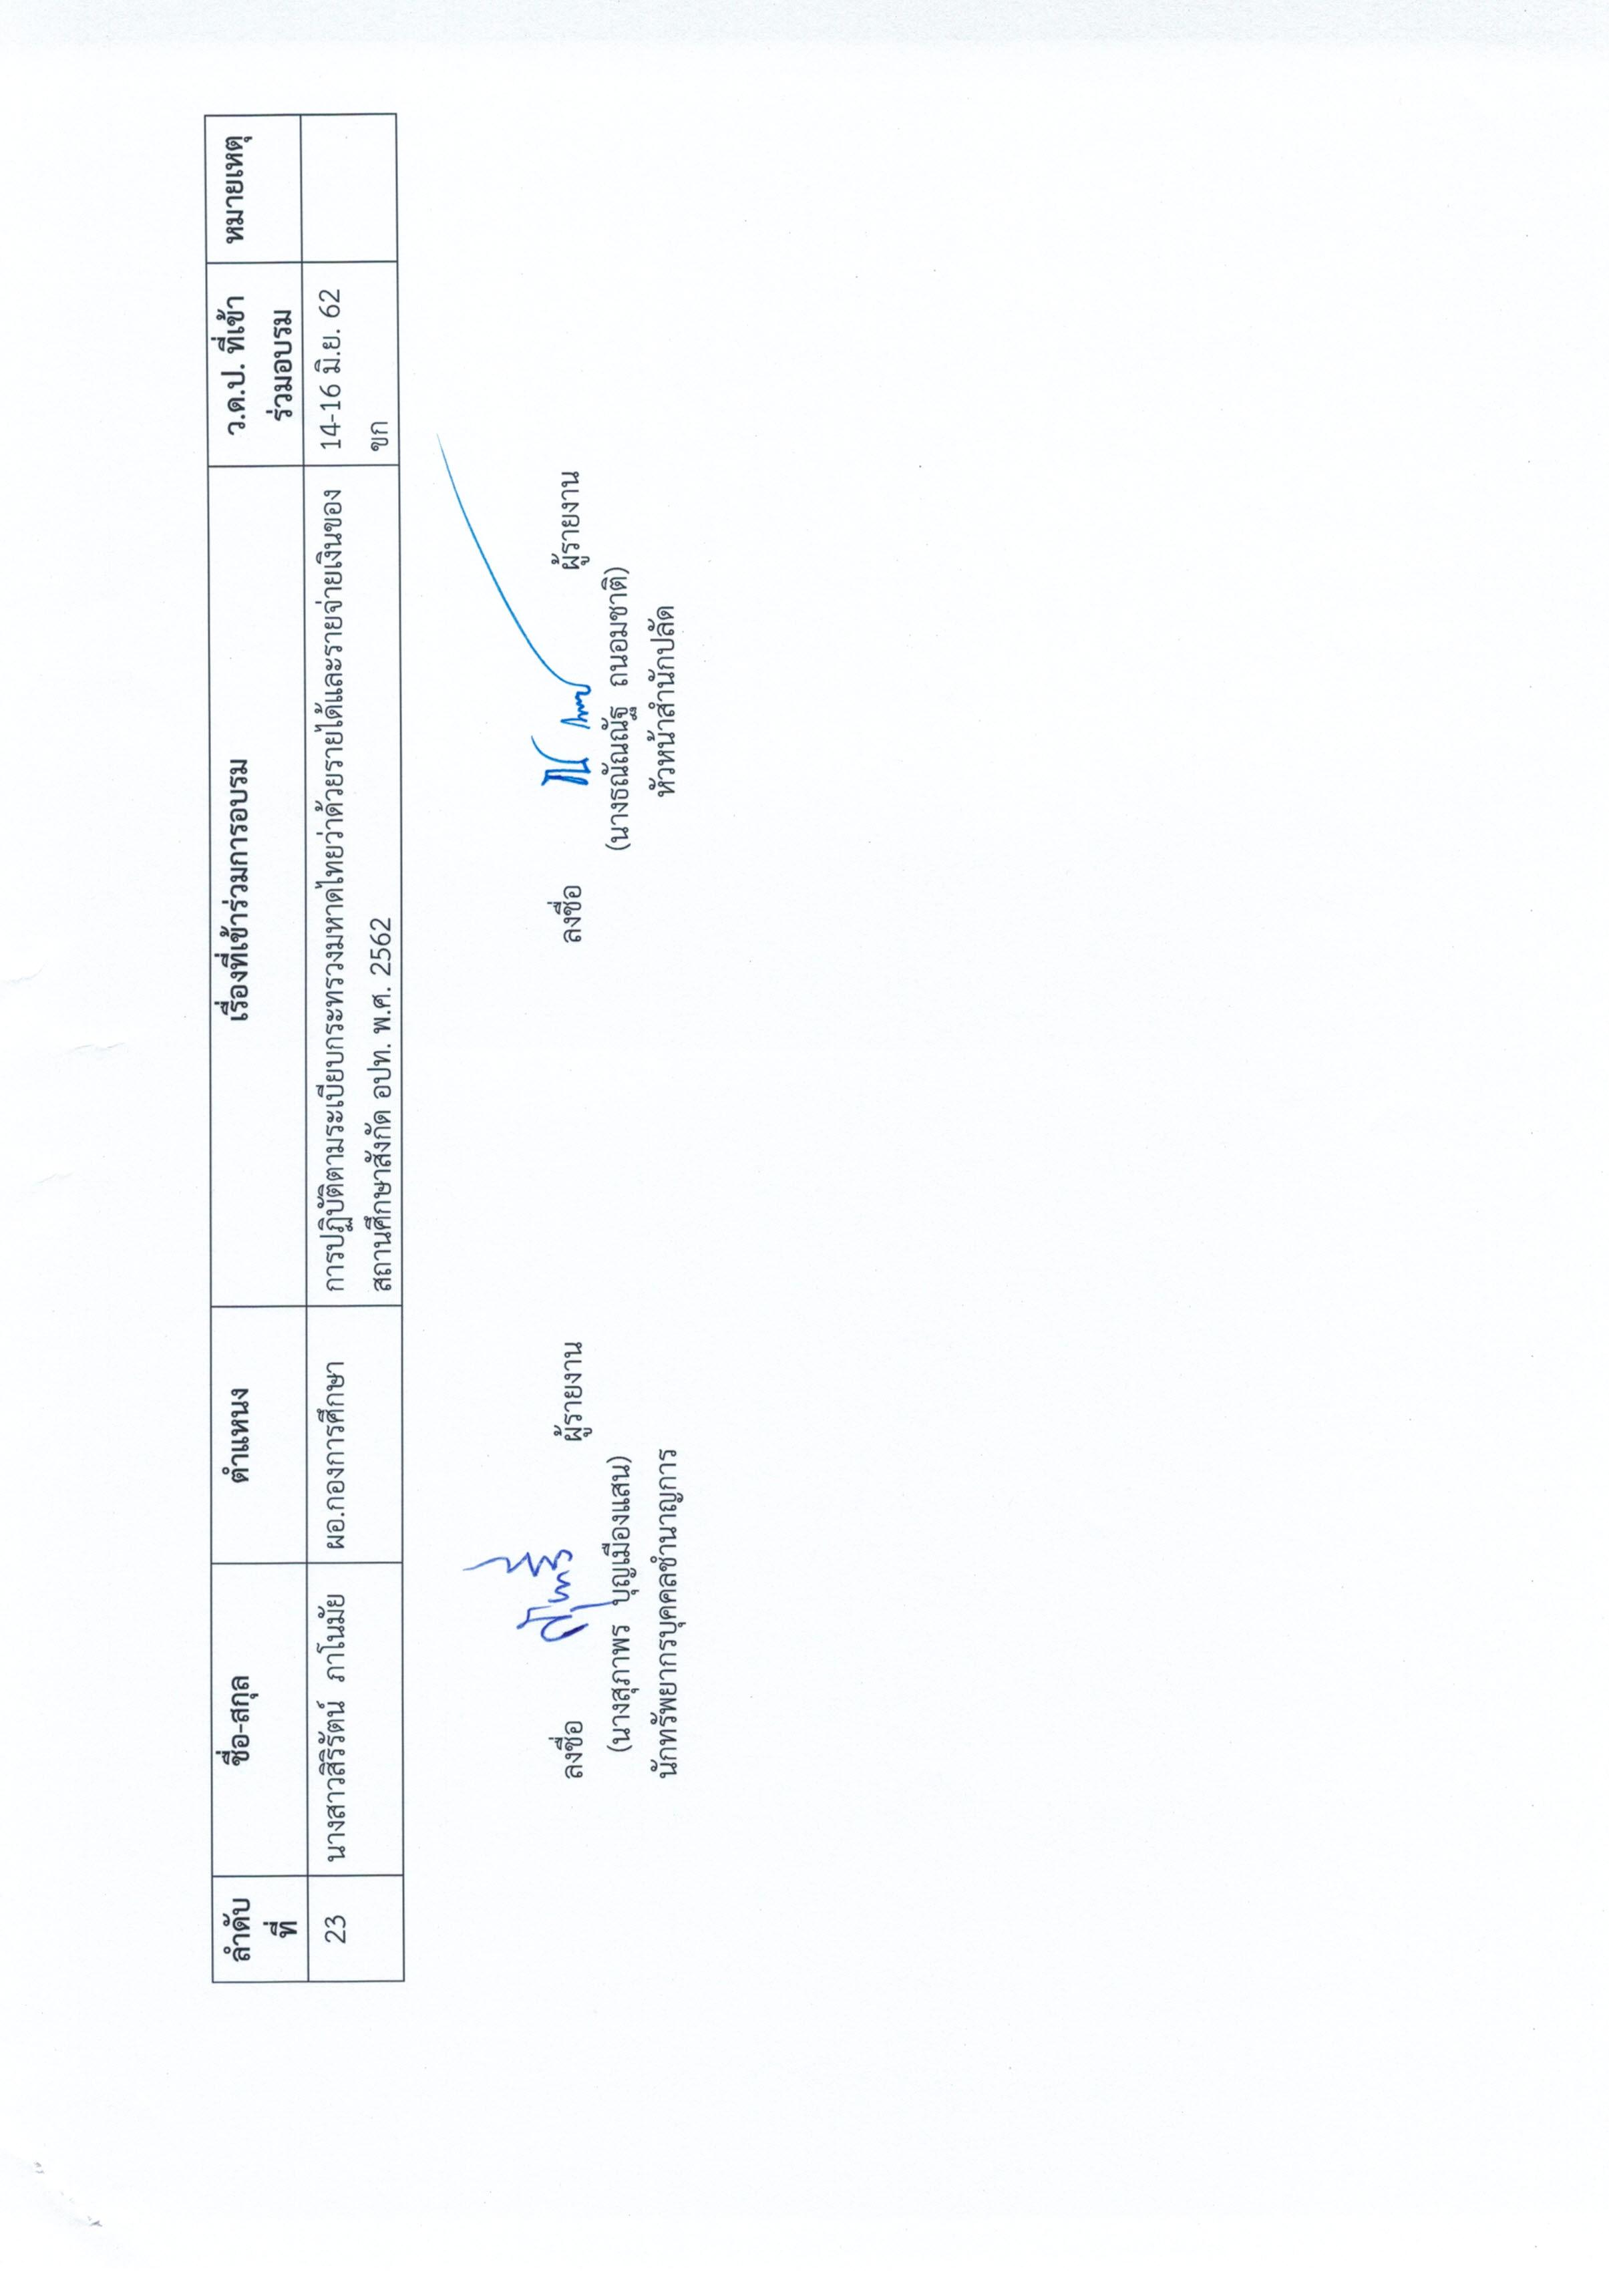 รายงานการบบริหารและพัฒนาทรัพยากรบุคคลประจำปี30062563_0005